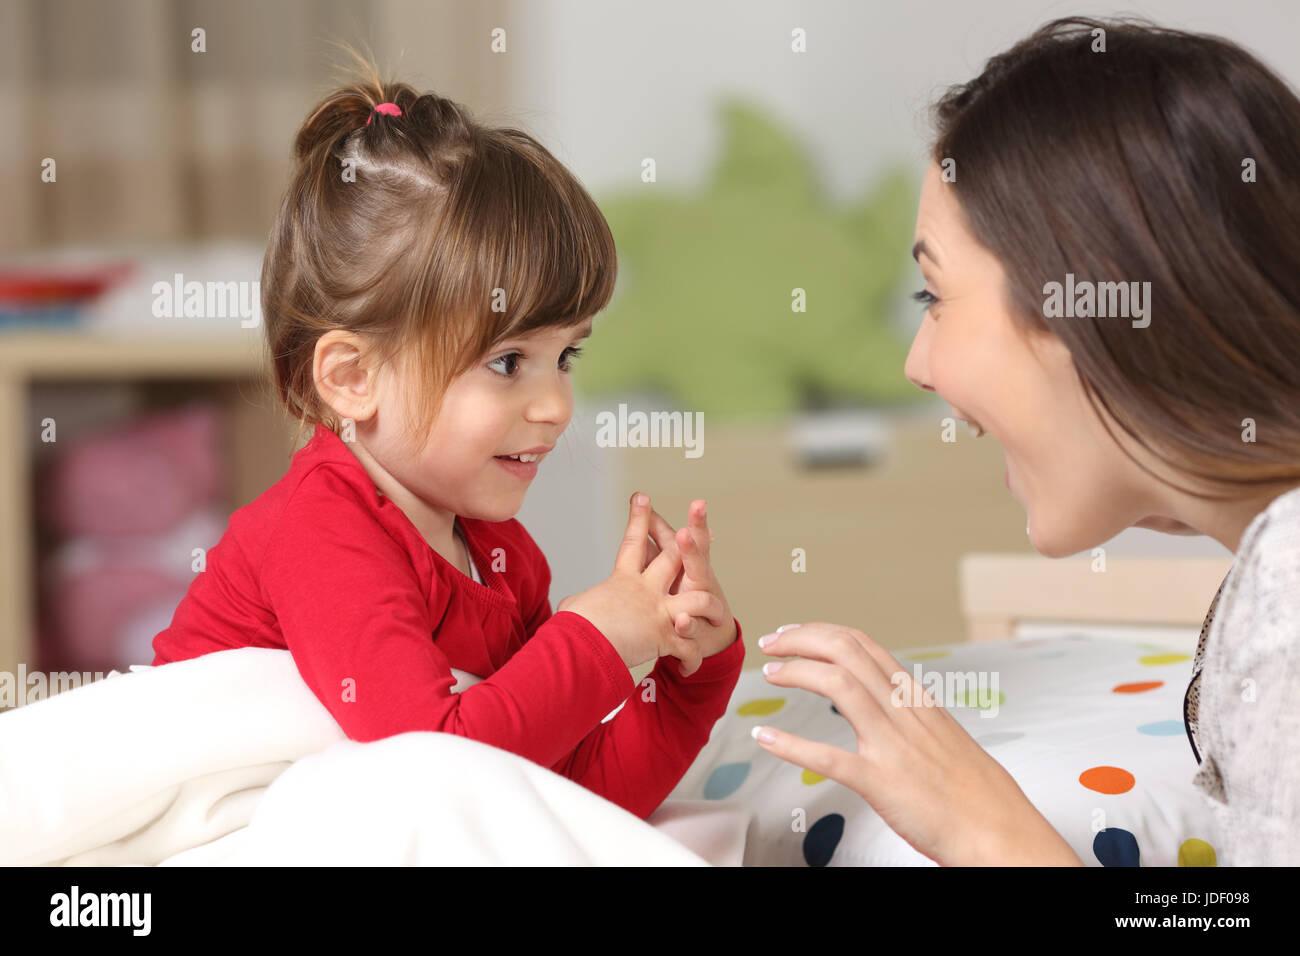 La madre y el niño vistiendo camiseta roja jugando juntos en una cama en el dormitorio en el hogar Imagen De Stock